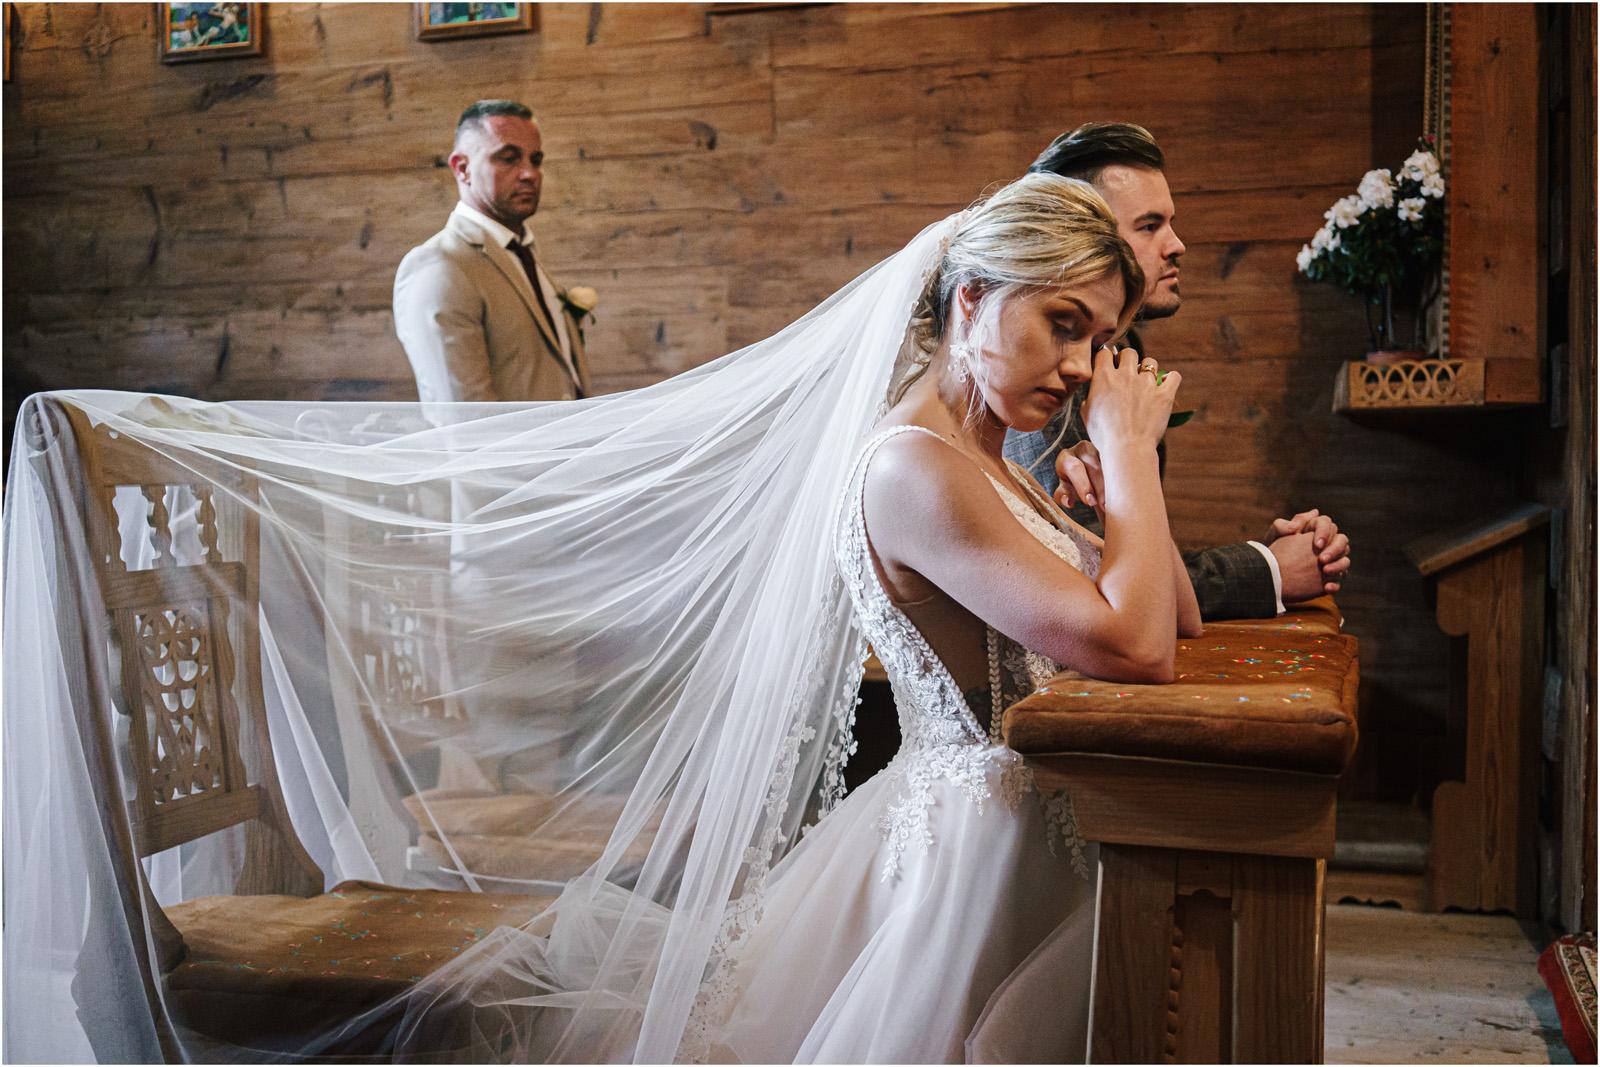 Amanda & Błażej | ślub i sesja w górach 38